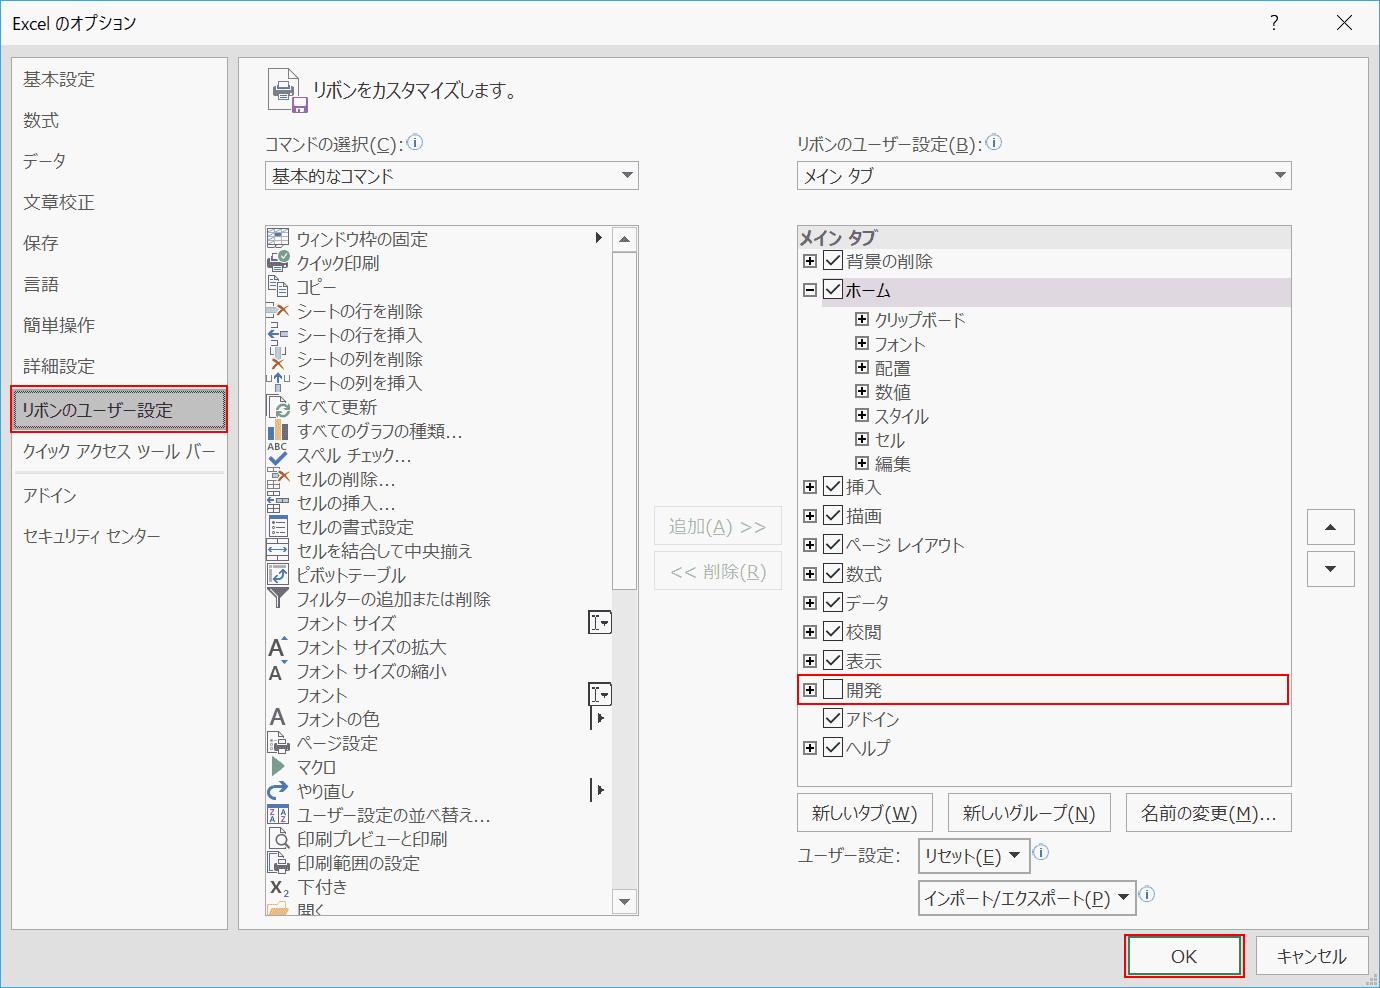 リボンのユーザー設定から開発を選択